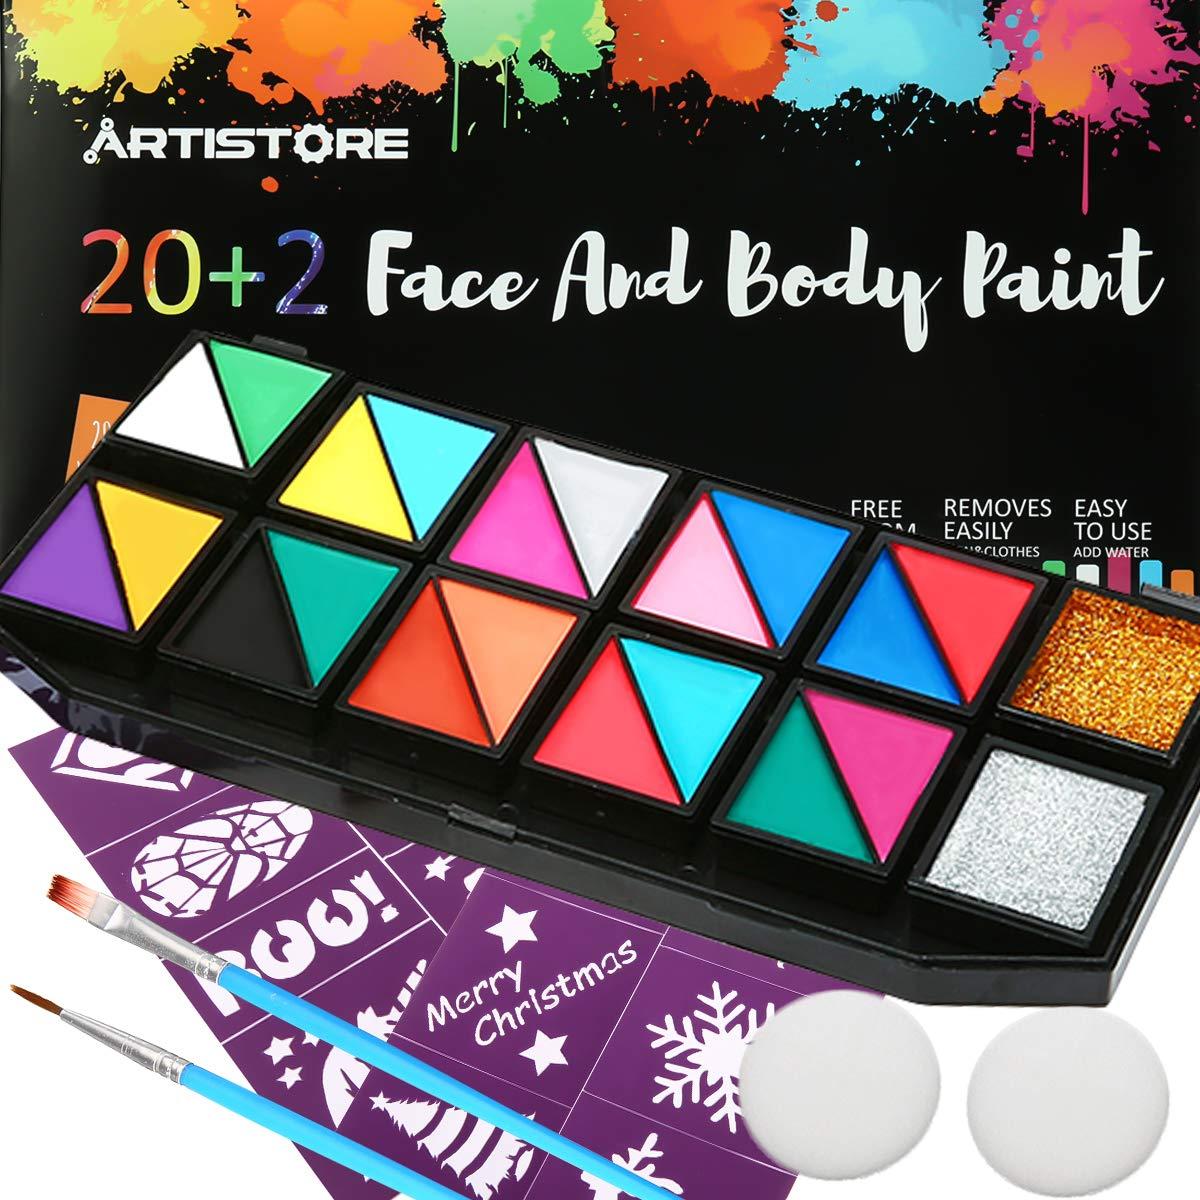 ARTISTORE 22 Colori Pittura Facciale Professionale,Certificazione FDA,22 Colori Body Painting Set con 16 Colori di Base,4 Colori Perlati,2 Paillettes,16 Stencil,2 Spazzole,2 Spugne,Ipoallergenico,Sicuro non Tossico, Facilmente Rimovibile